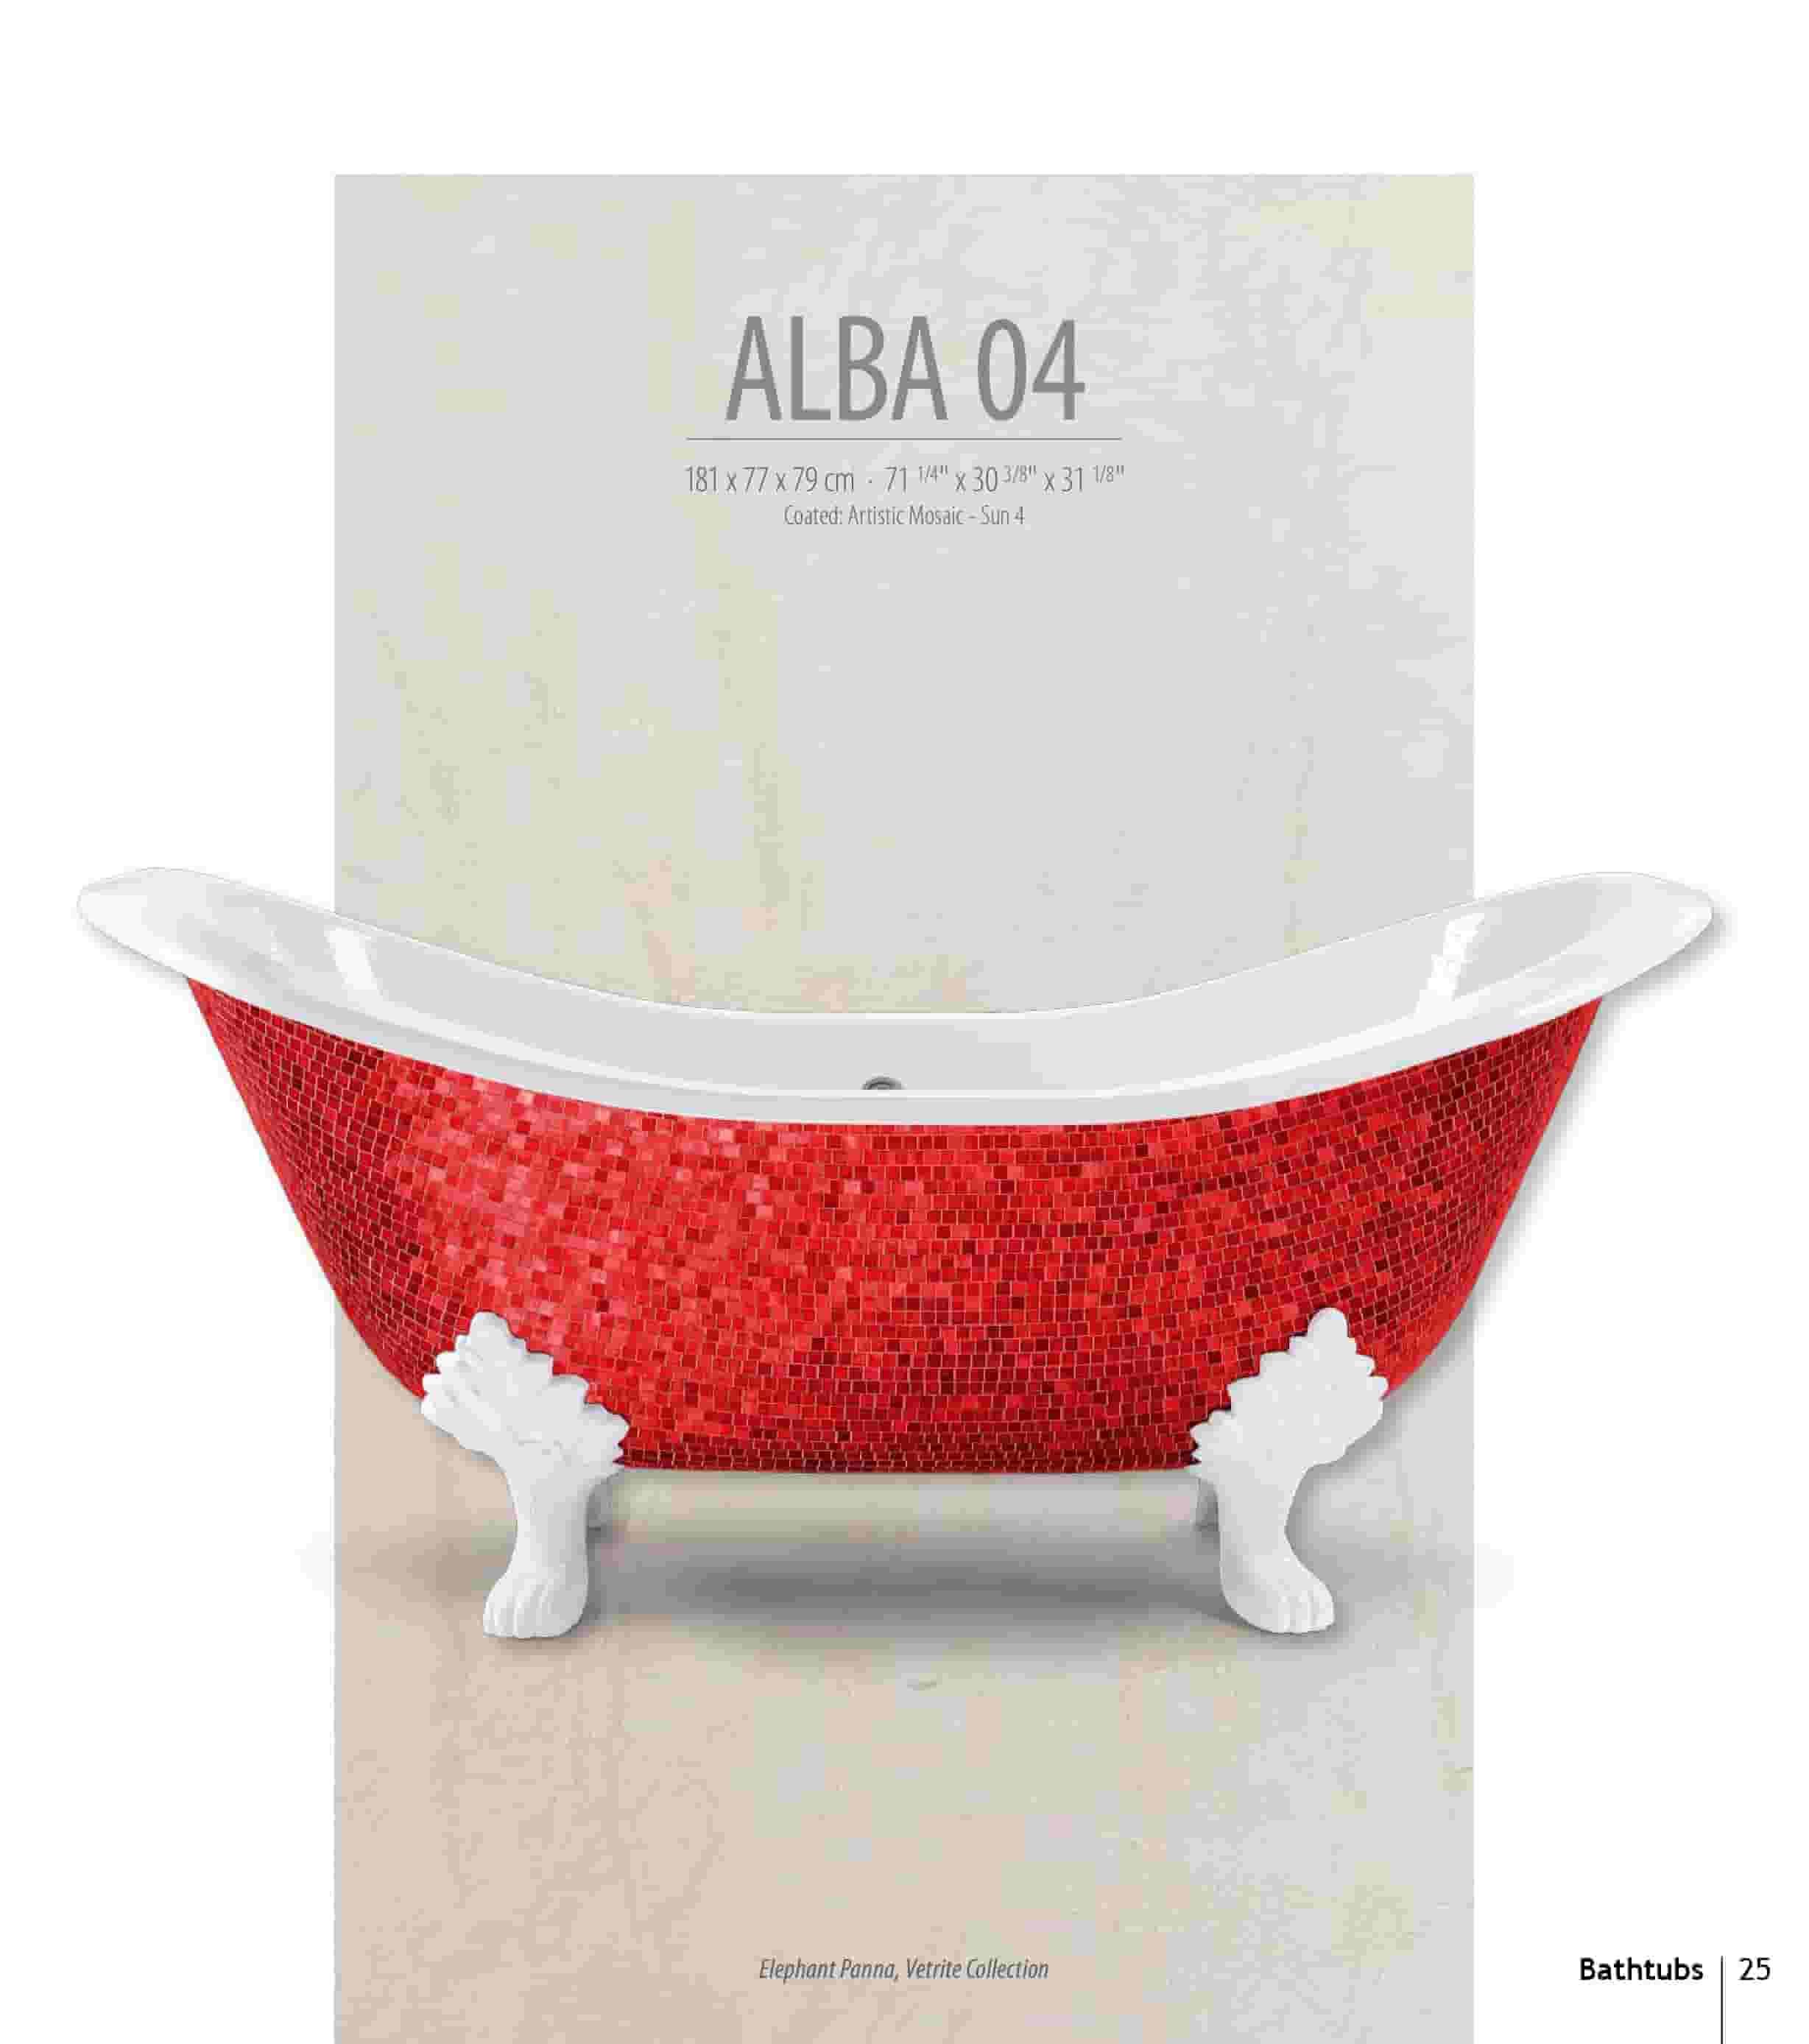 Bồn tắm Alba